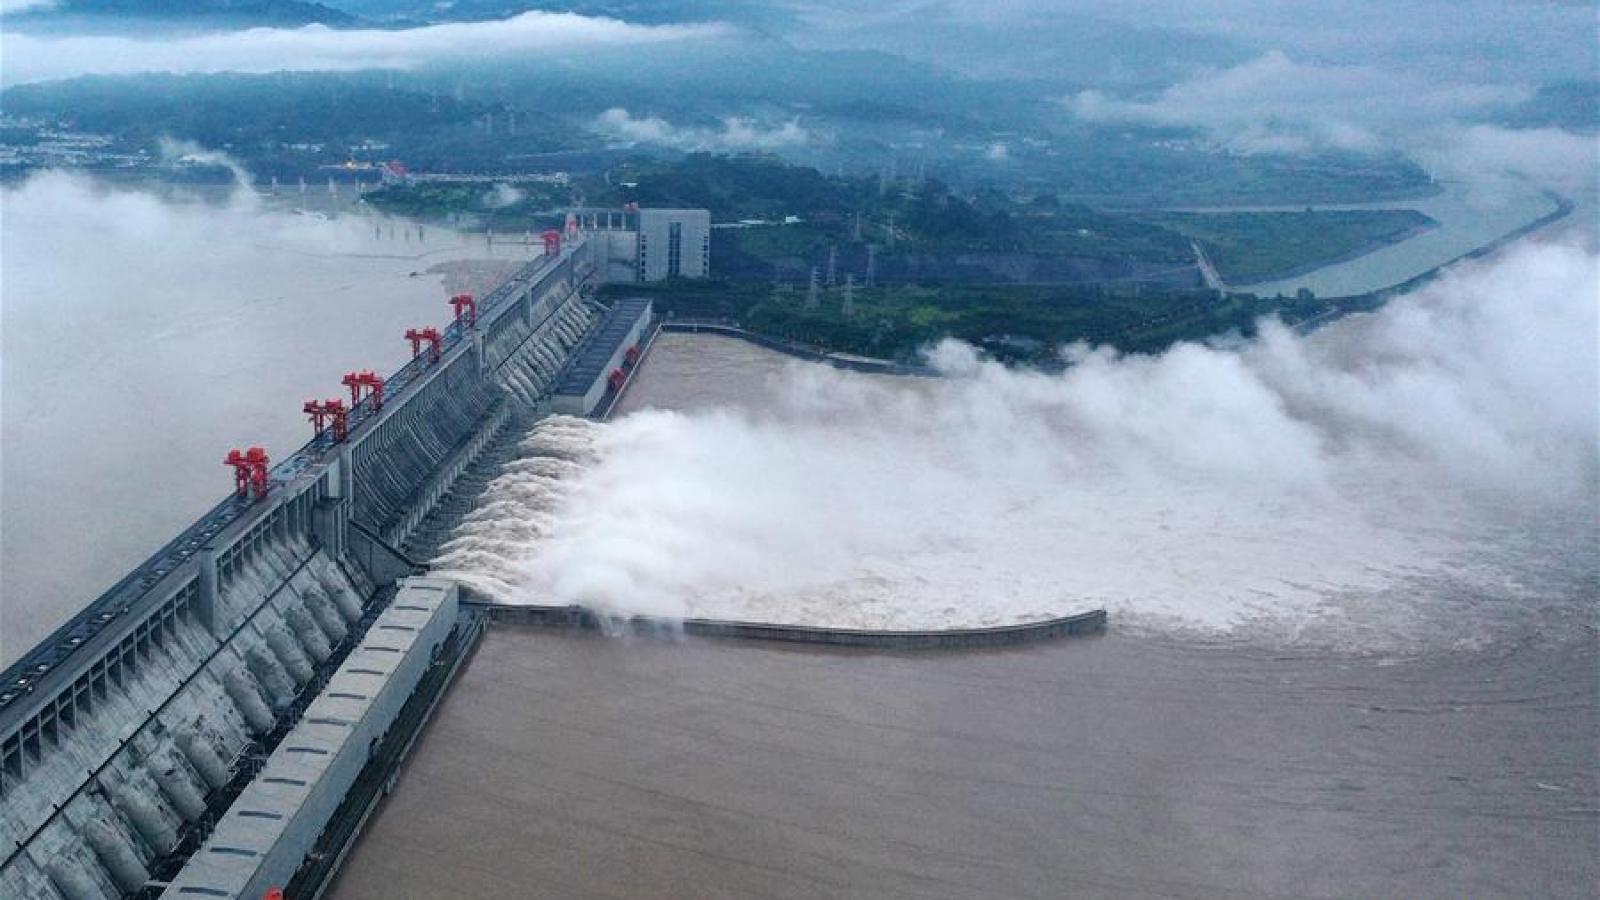 Toàn cảnh: Lũ đạt mức đỉnh lịch sử, đập Tam Hiệp mở 11 cửa xả lũ